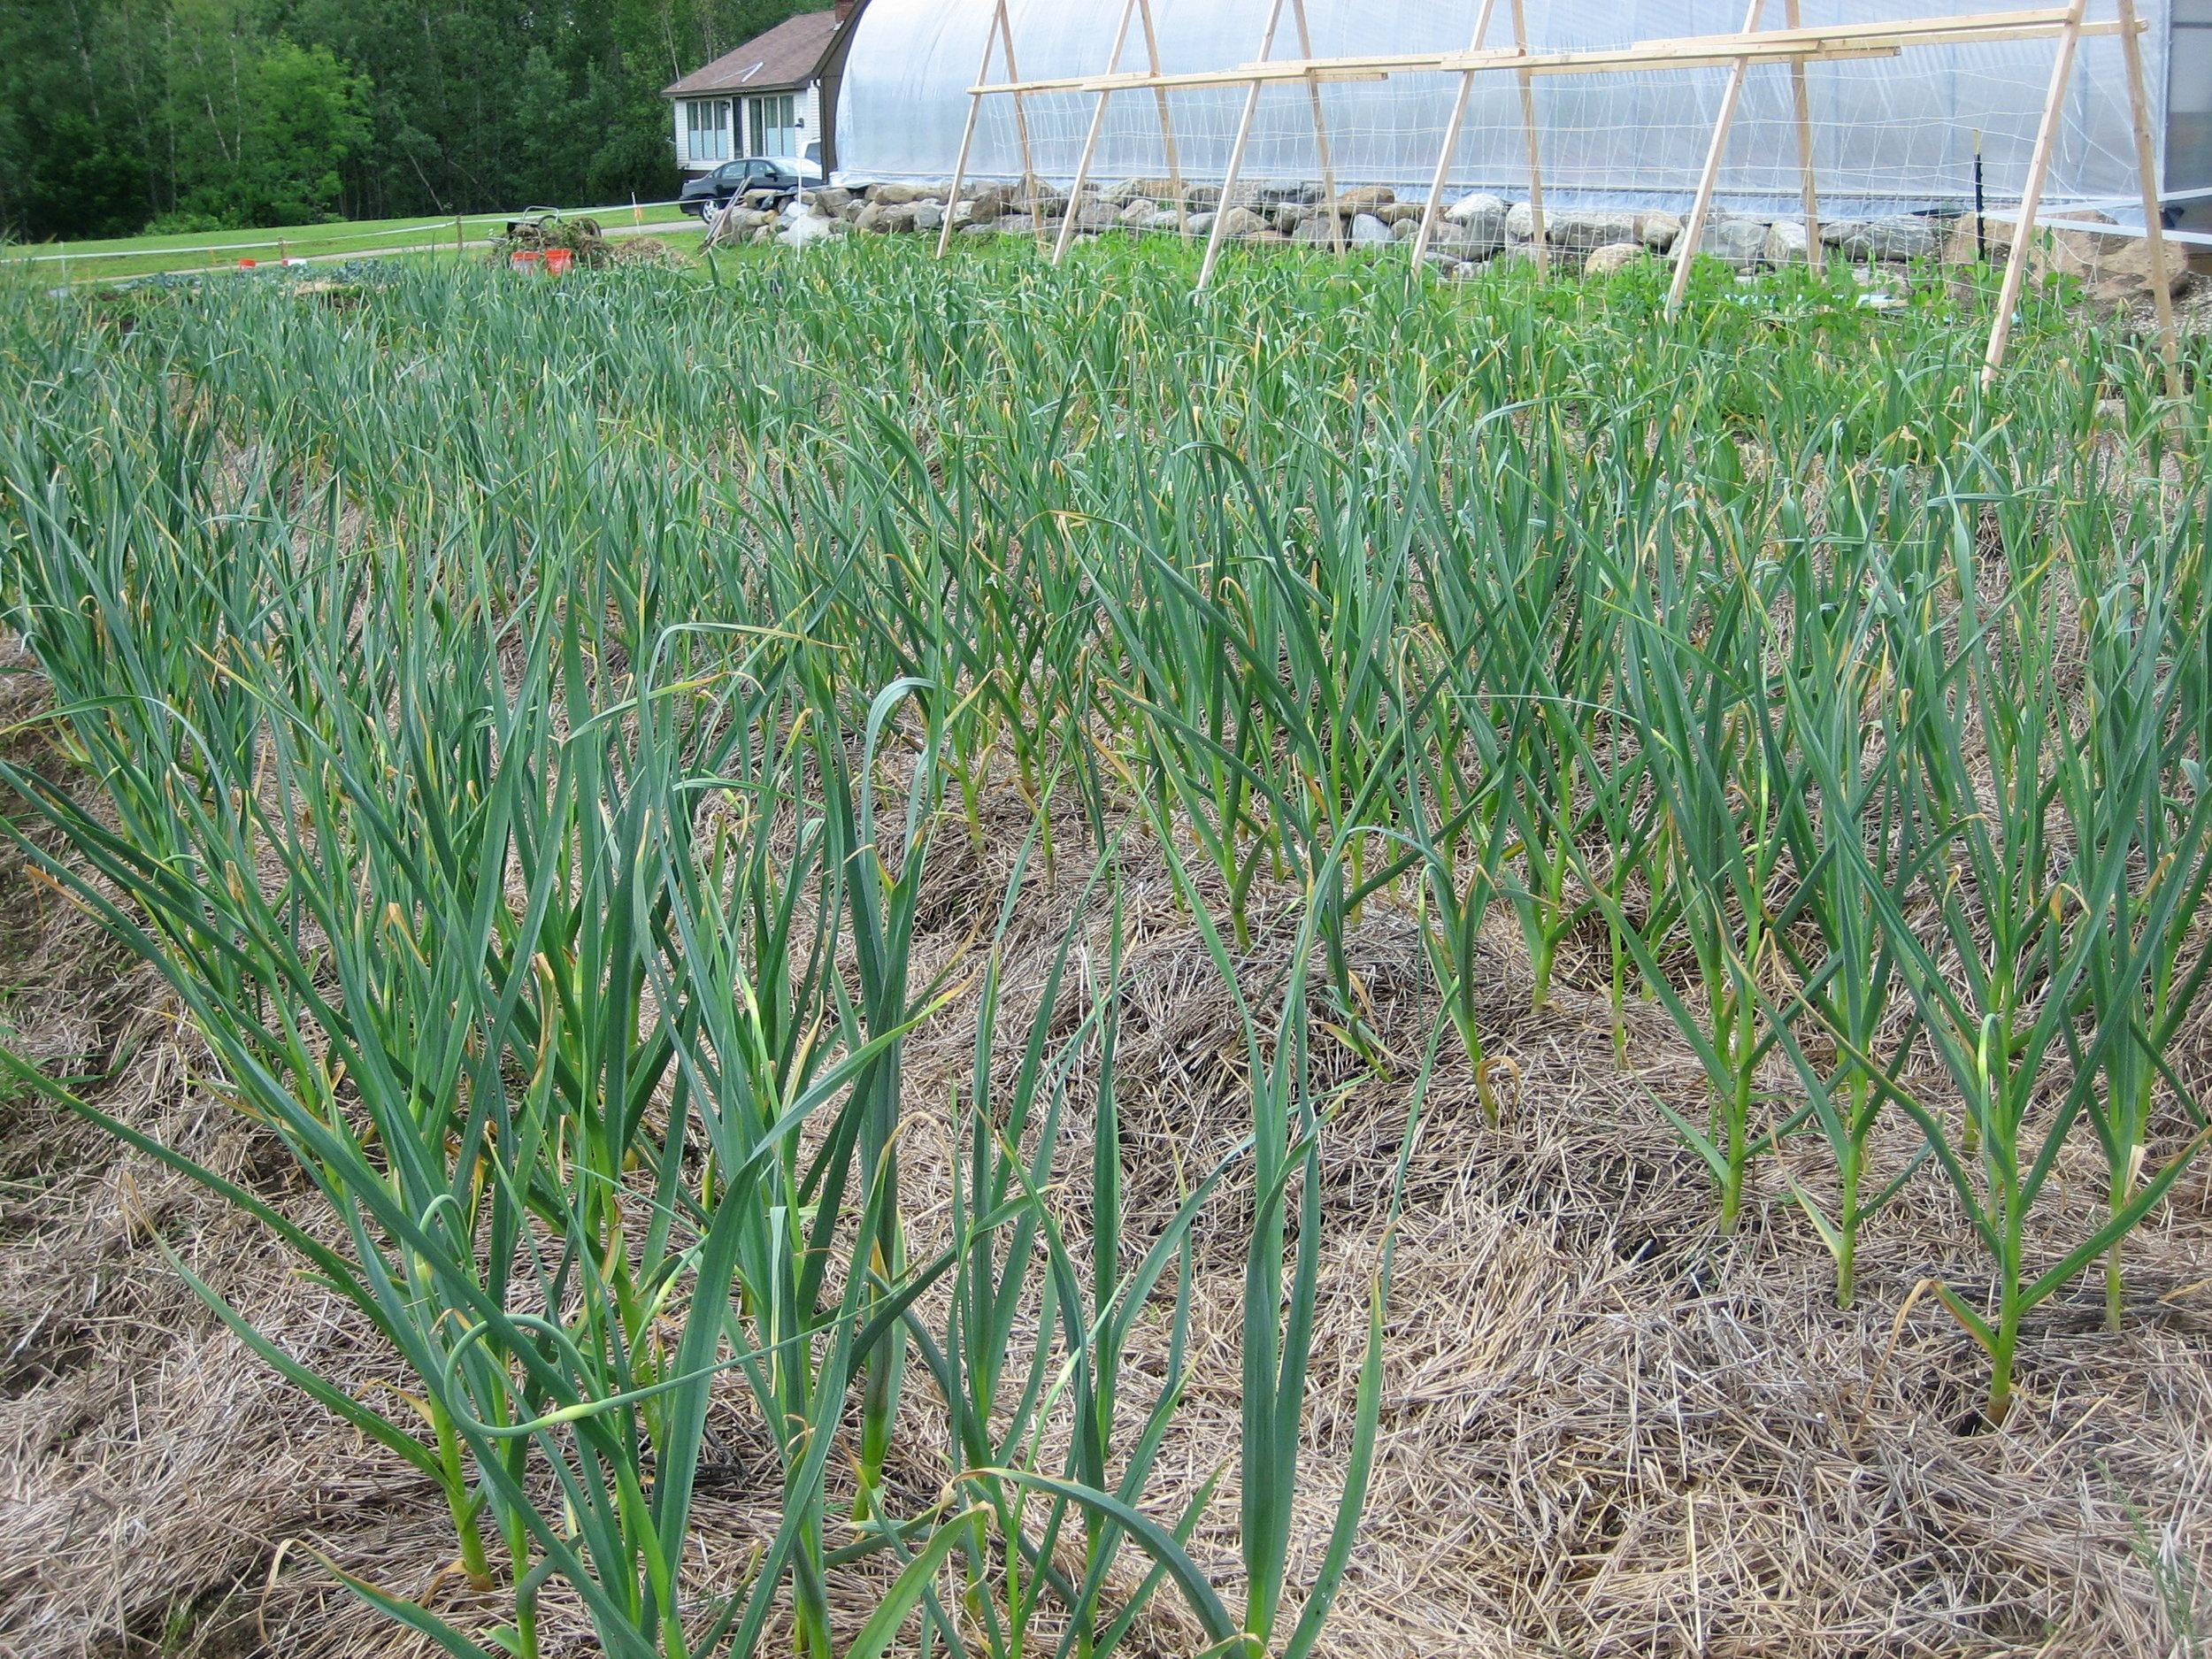 Garlic beds in mid-June.